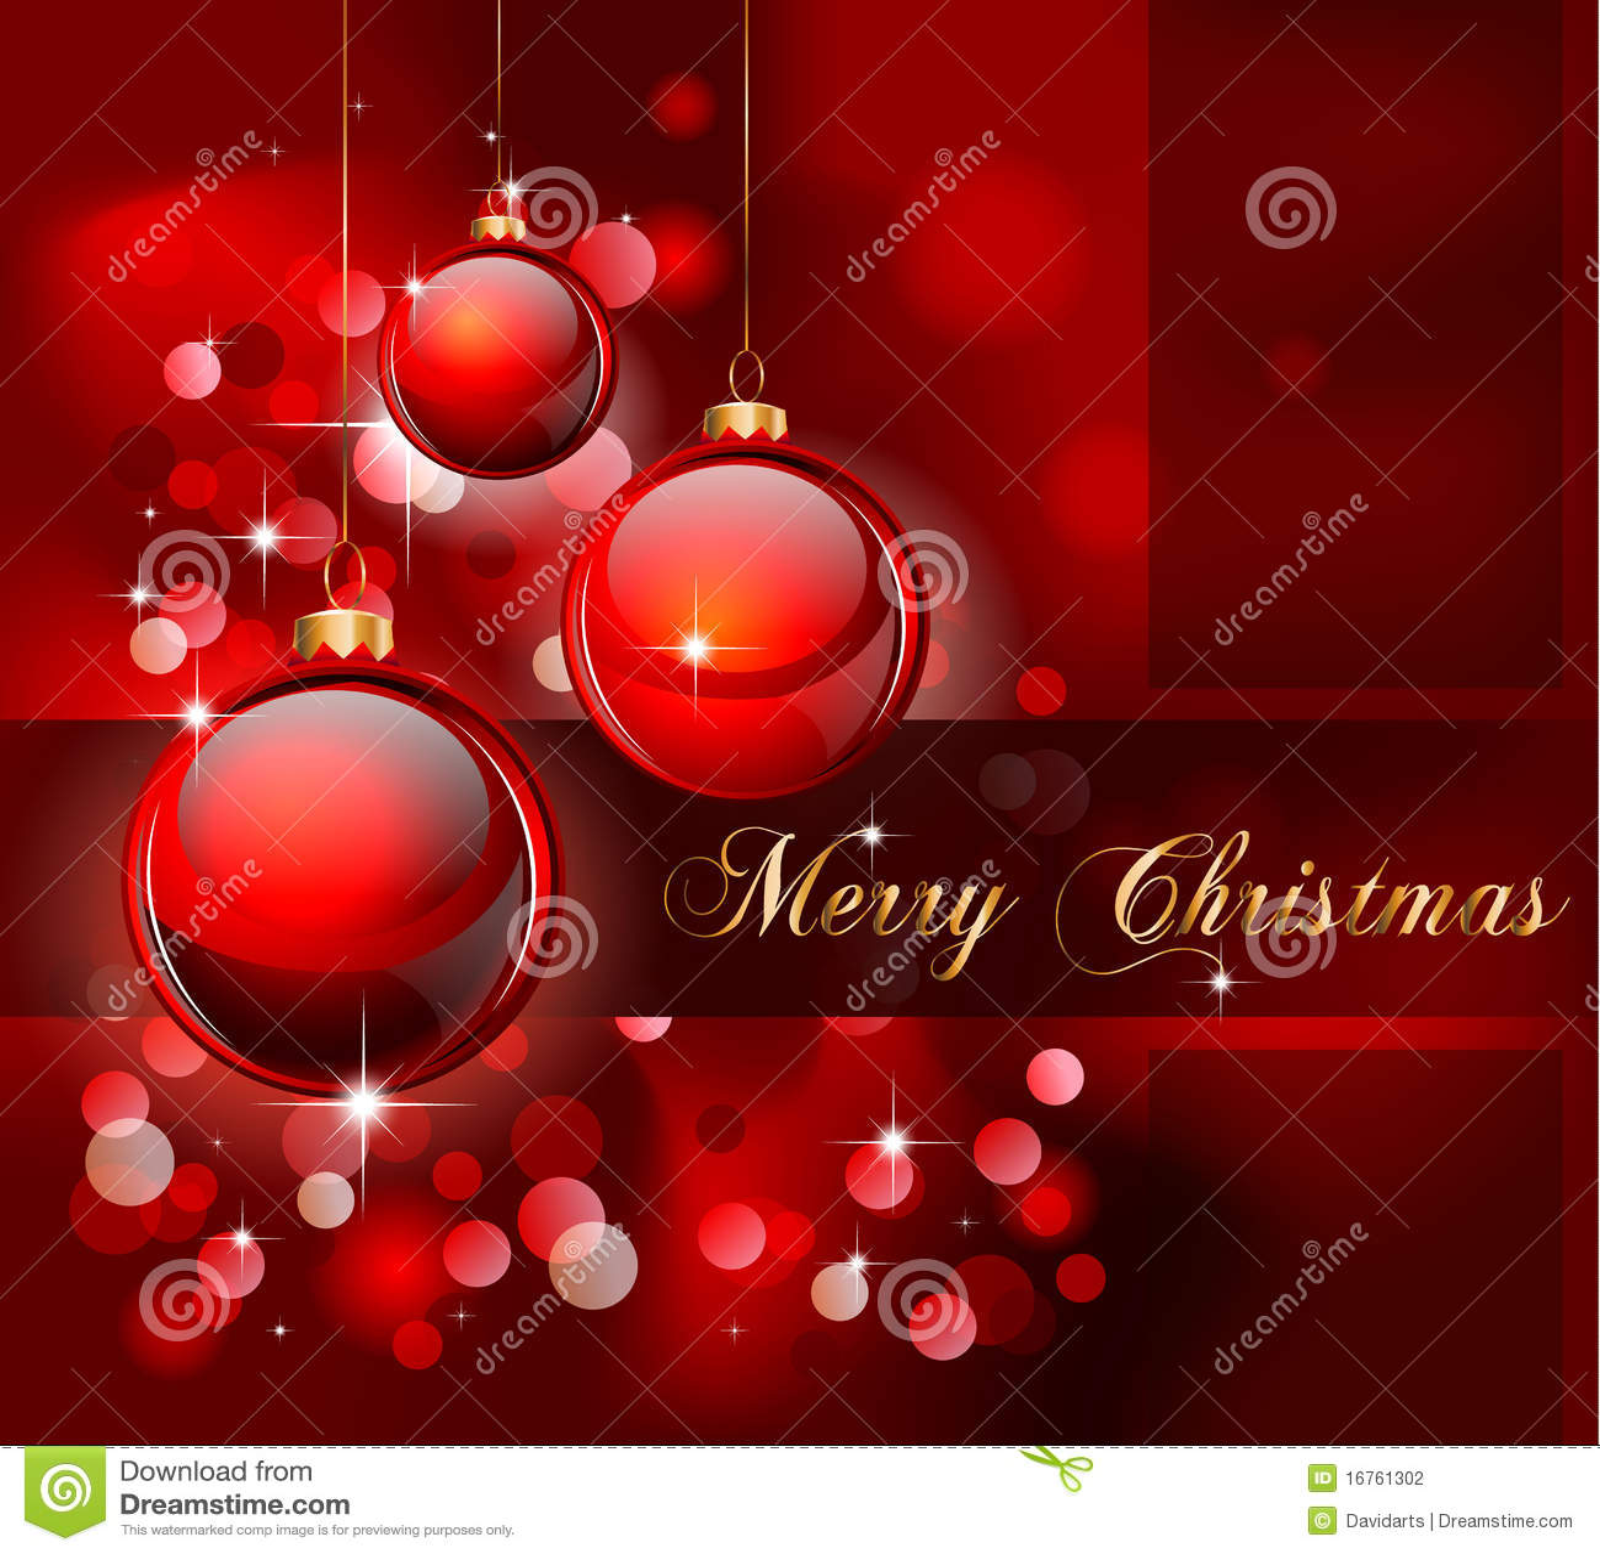 Fondo sugestivo elegante de la feliz navidad ilustraci n - Tarjetas de navidad elegantes ...